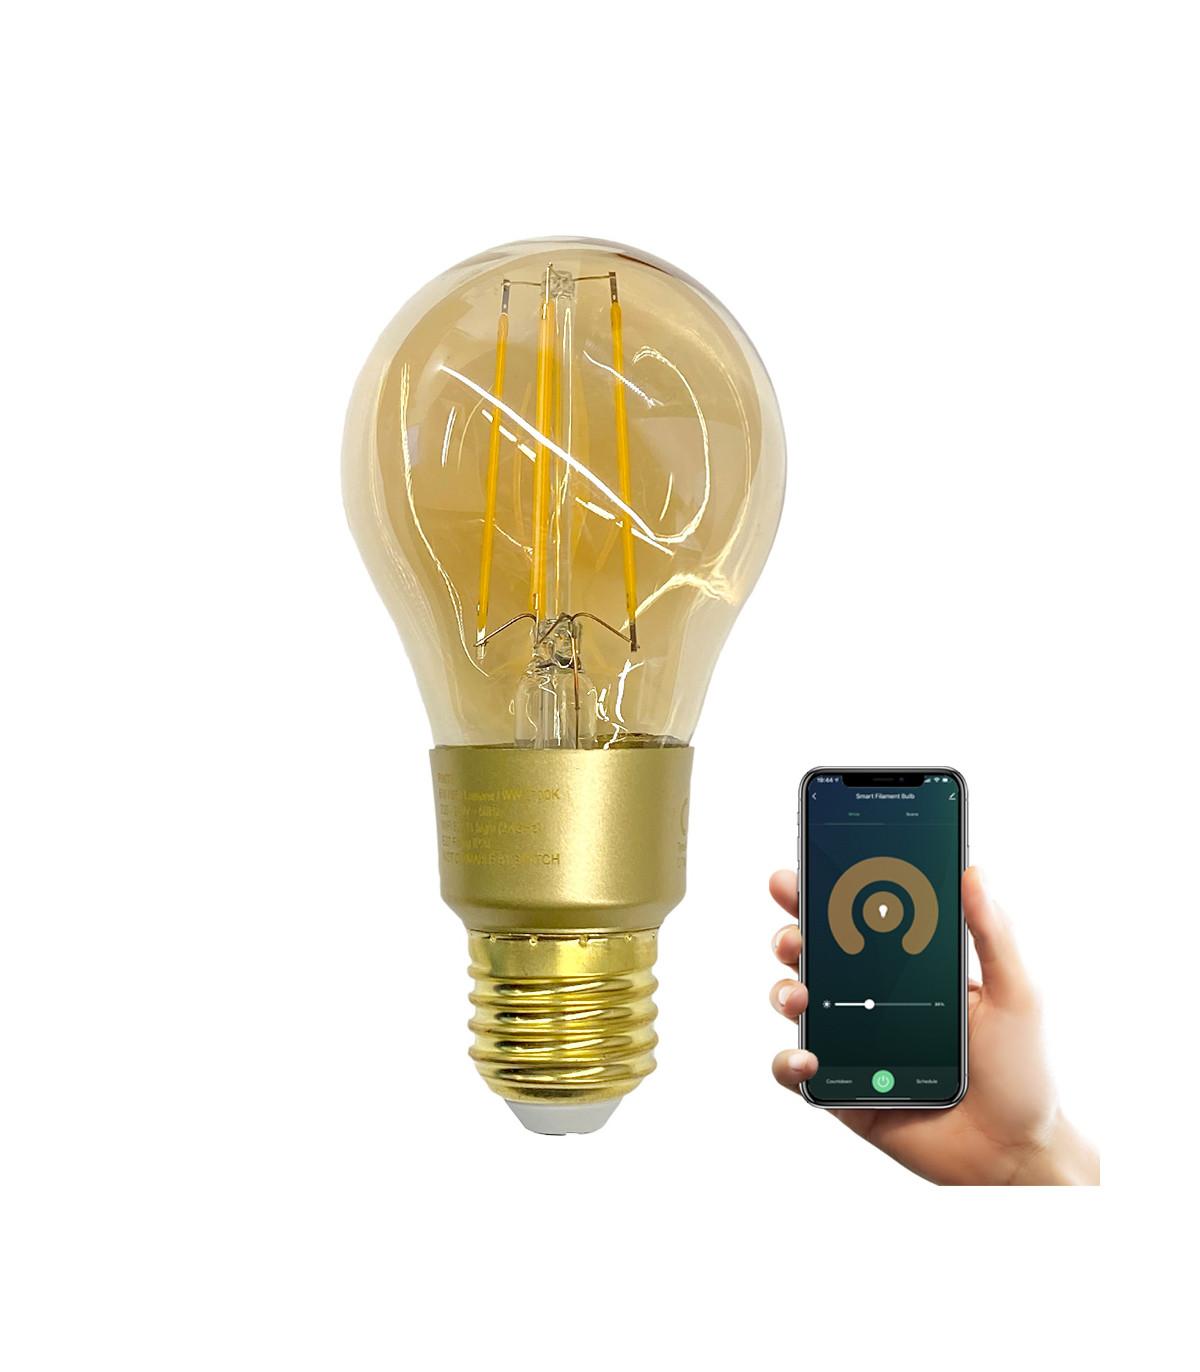 Żarówka ozdobna LED 6W E27 WiFi Tuya